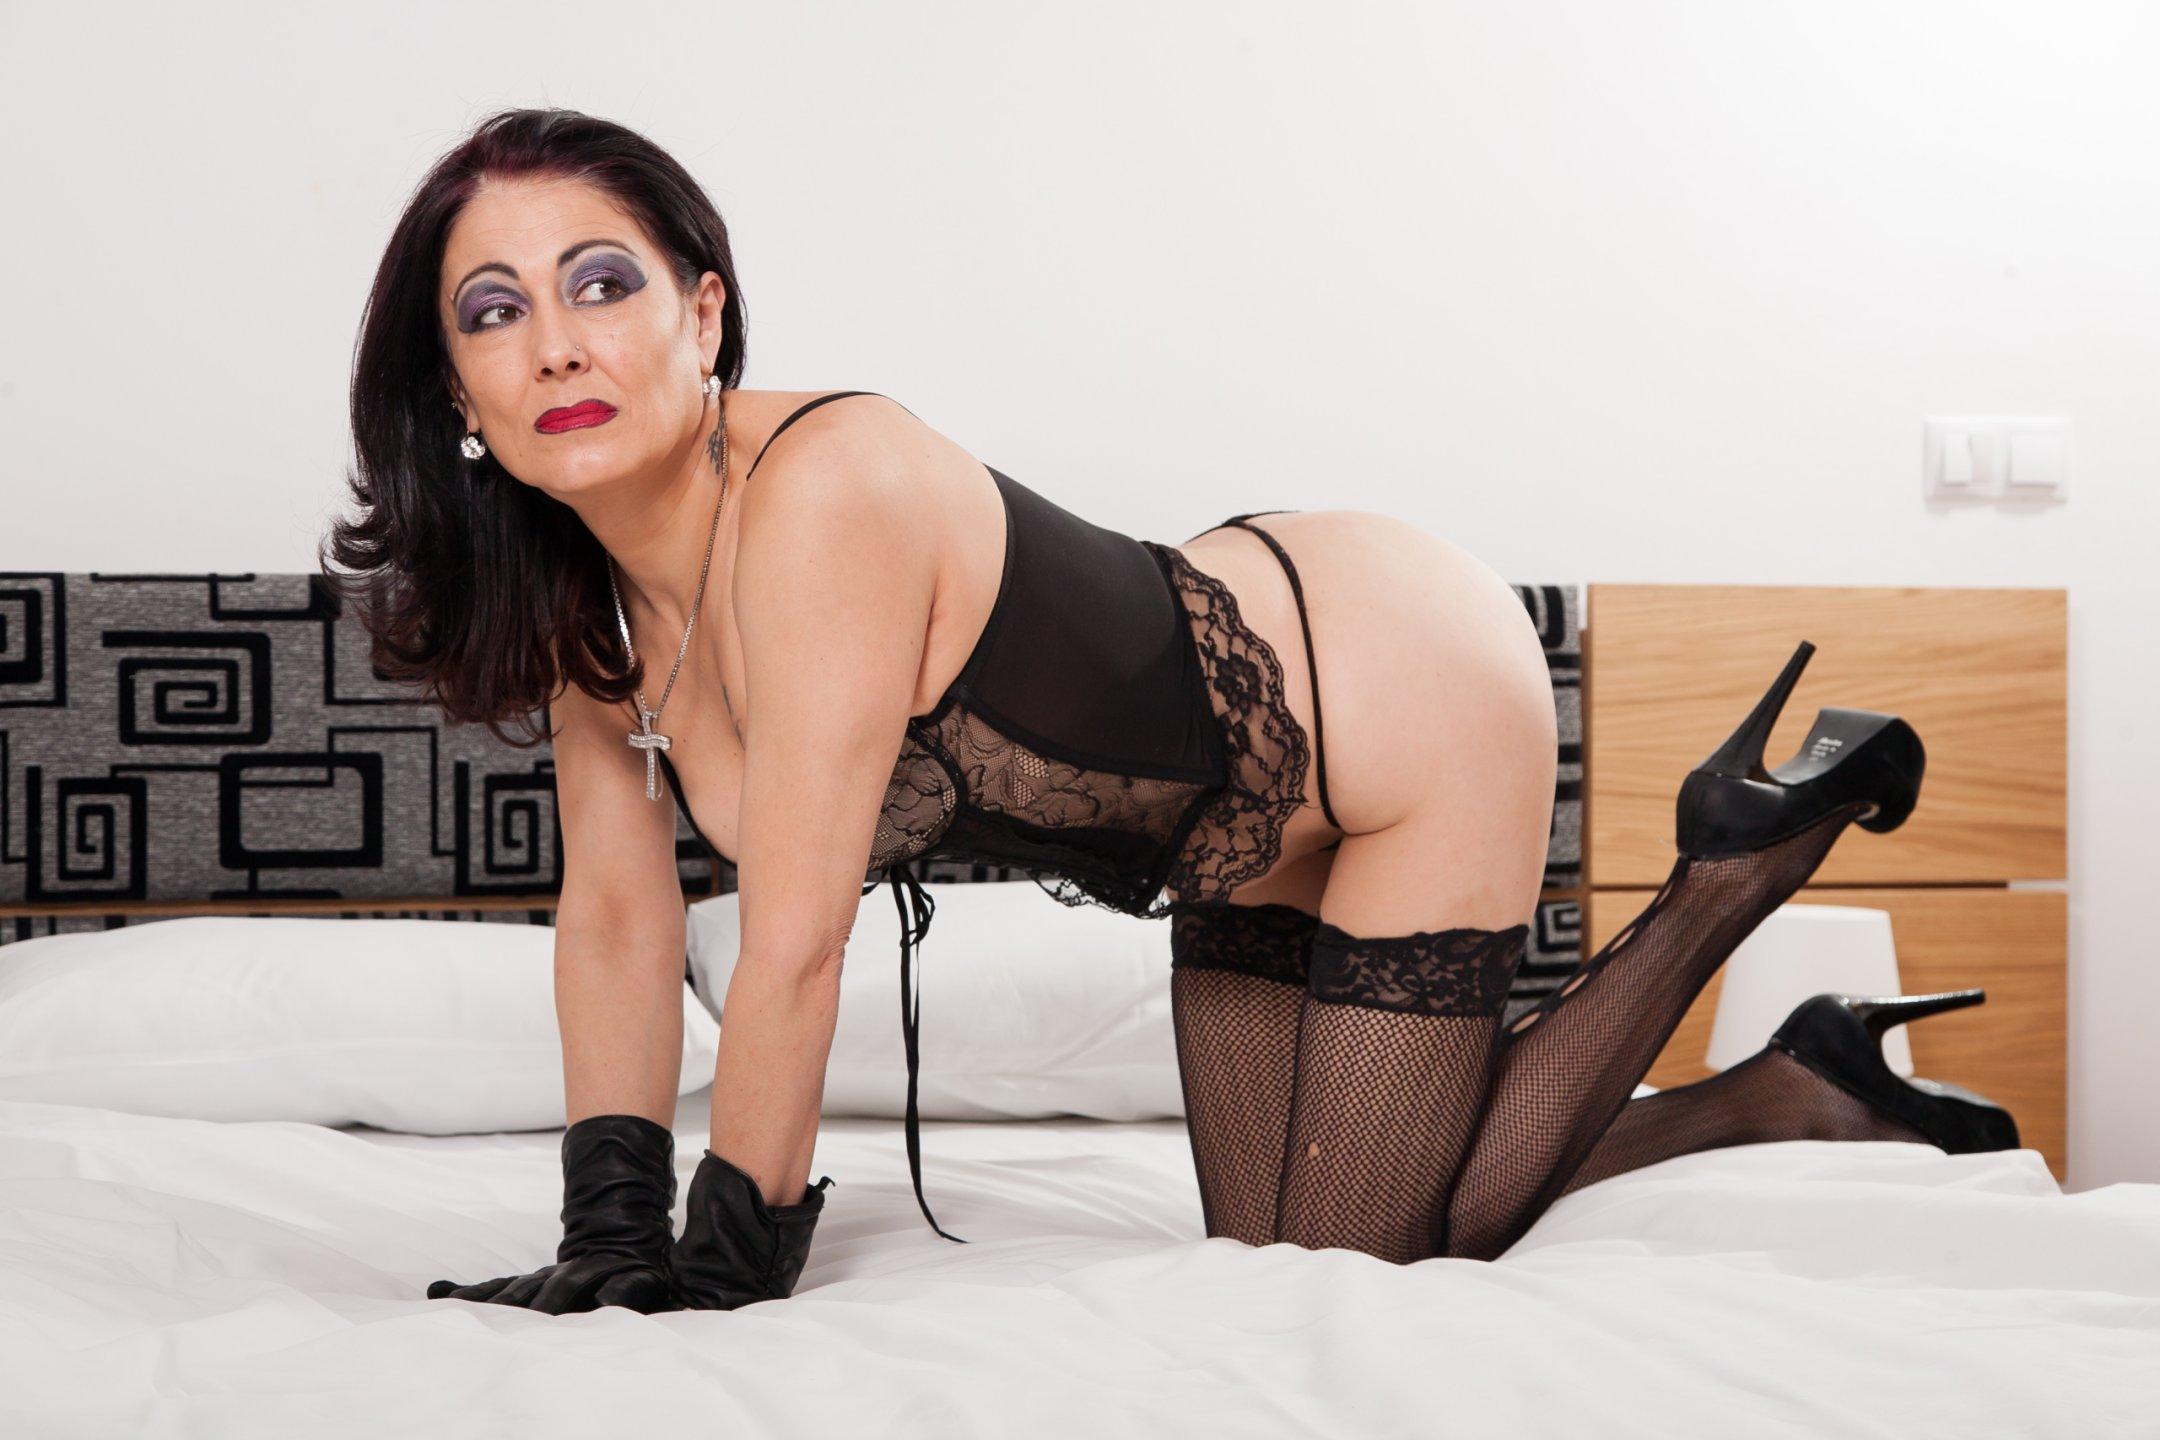 Nice homemade webcam sex photo